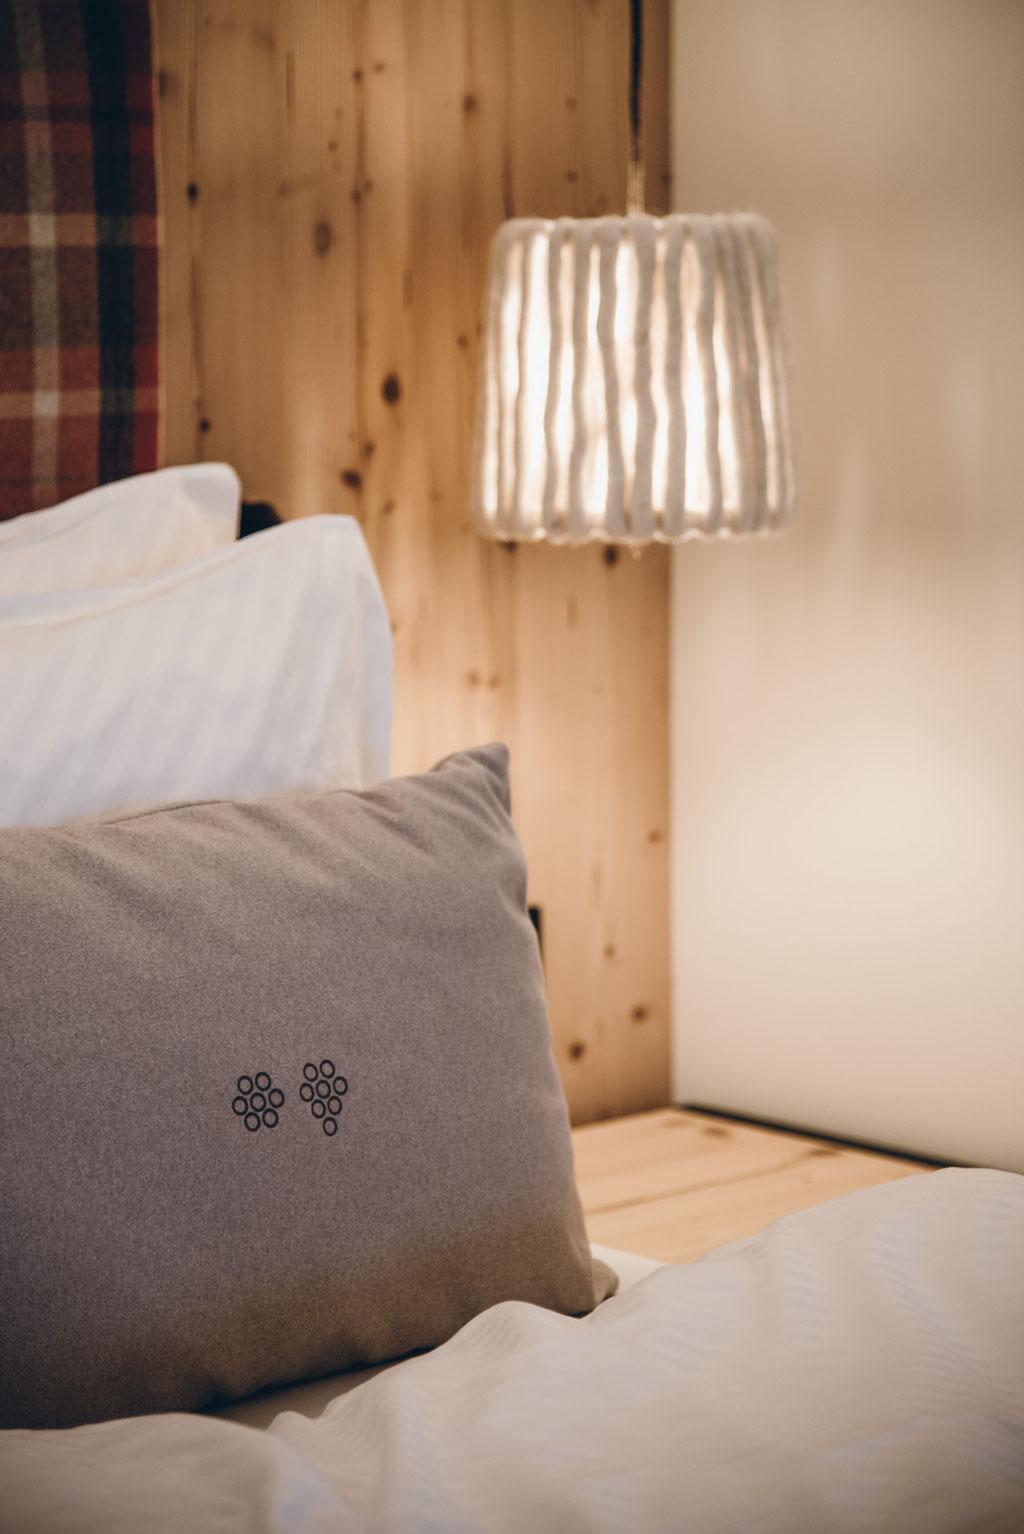 Apfelsuite im Naturhotel Kassian, Hoteltipp in Algund bei Meran (Südtirol)